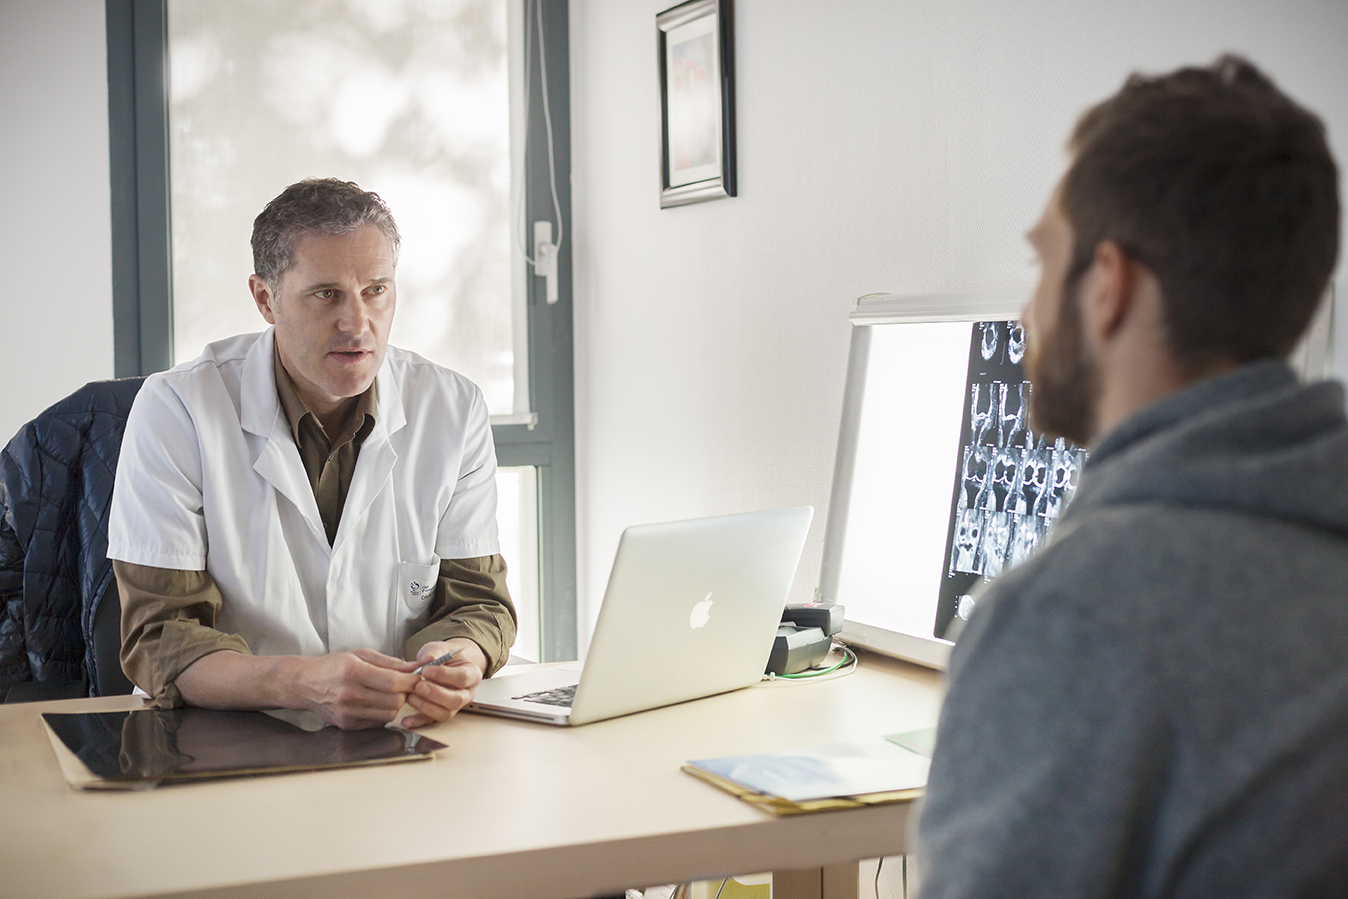 Etablissements de santé privés : ce qu'il faut savoir